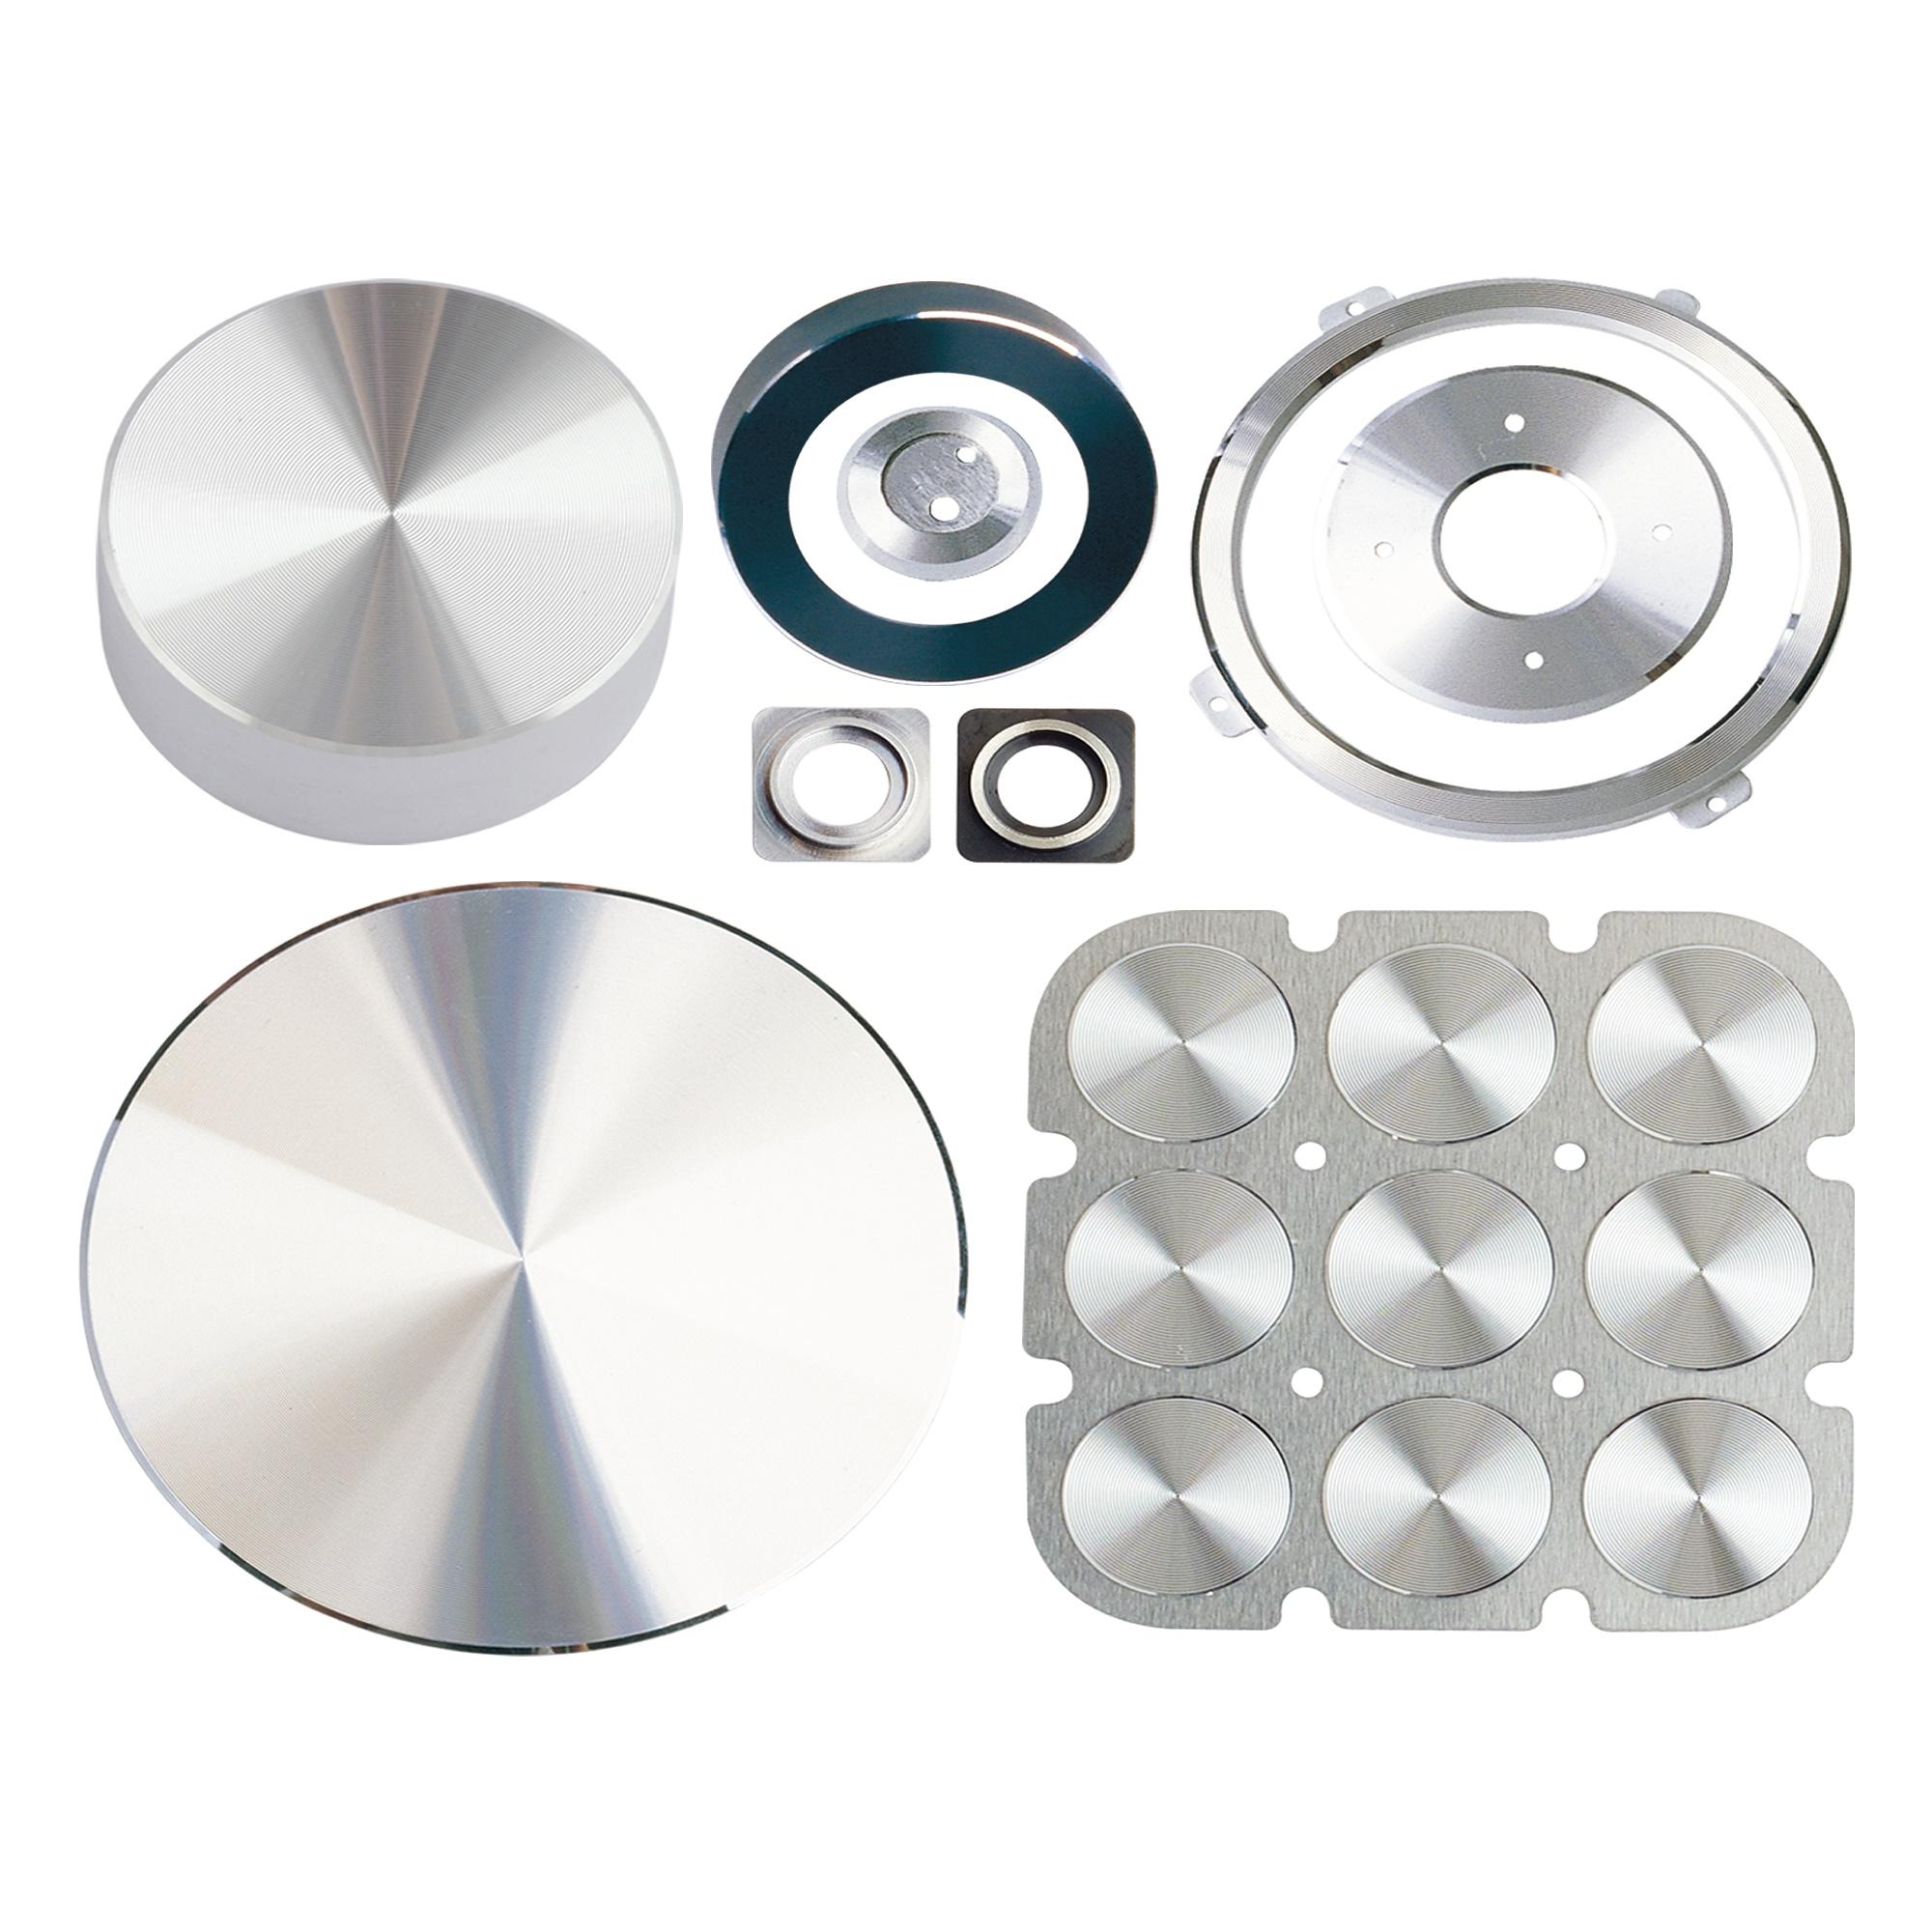 LX016CD紋加圓圈高光機樣品.JPG